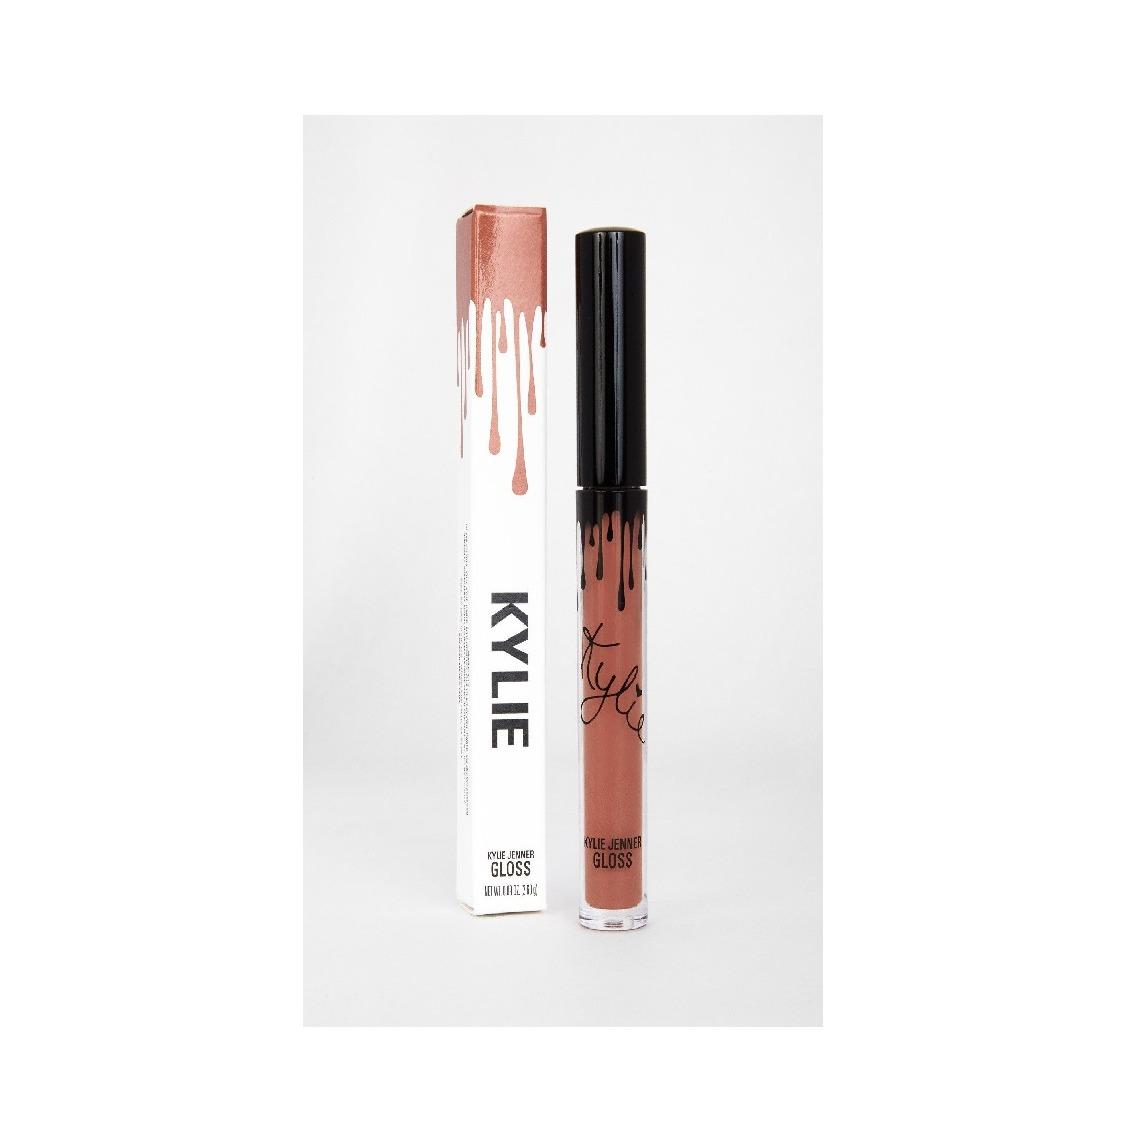 Kylie Cosmetics LIKE | GLOSS